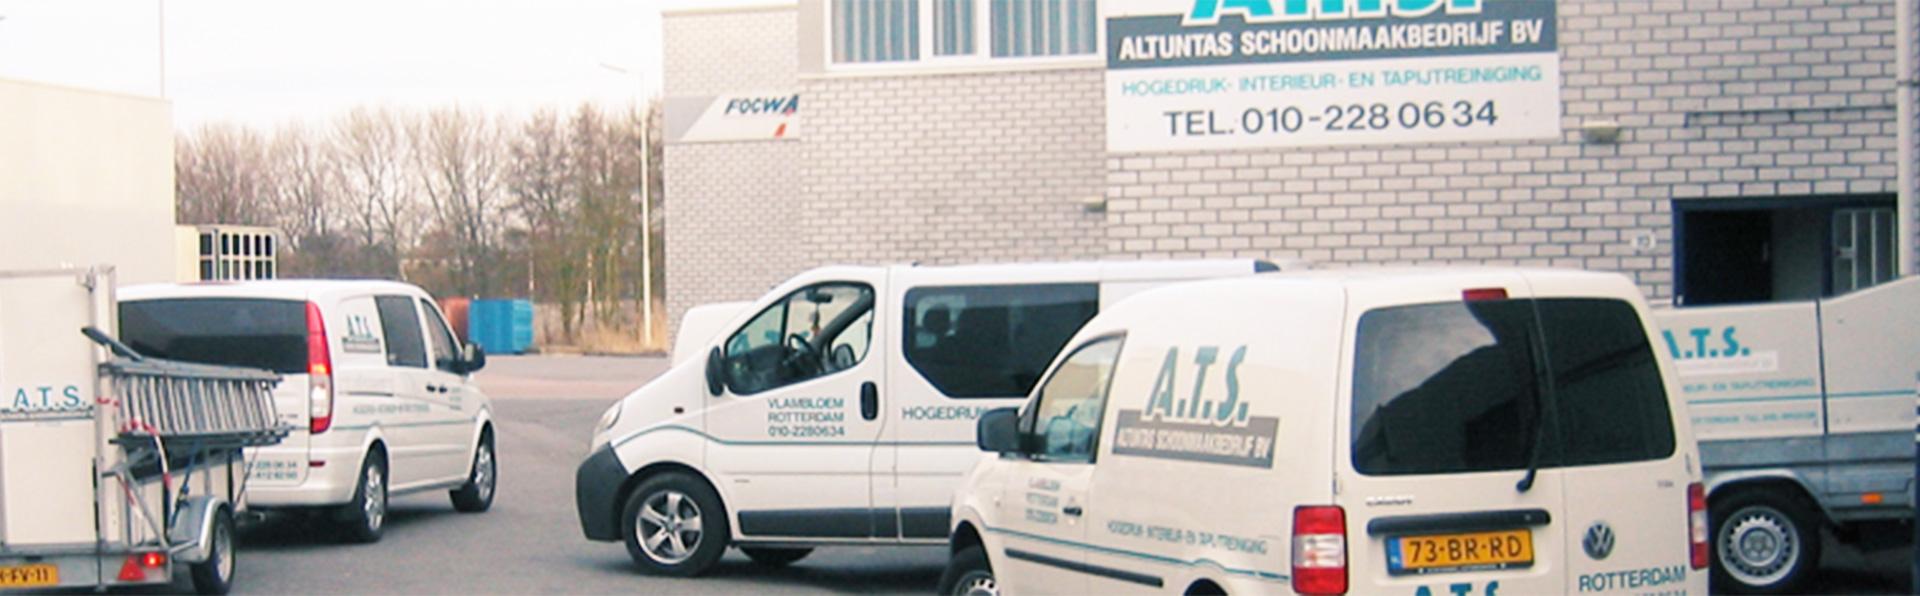 Schoonmaakbedrijf-Vlaardingen-ATS-header